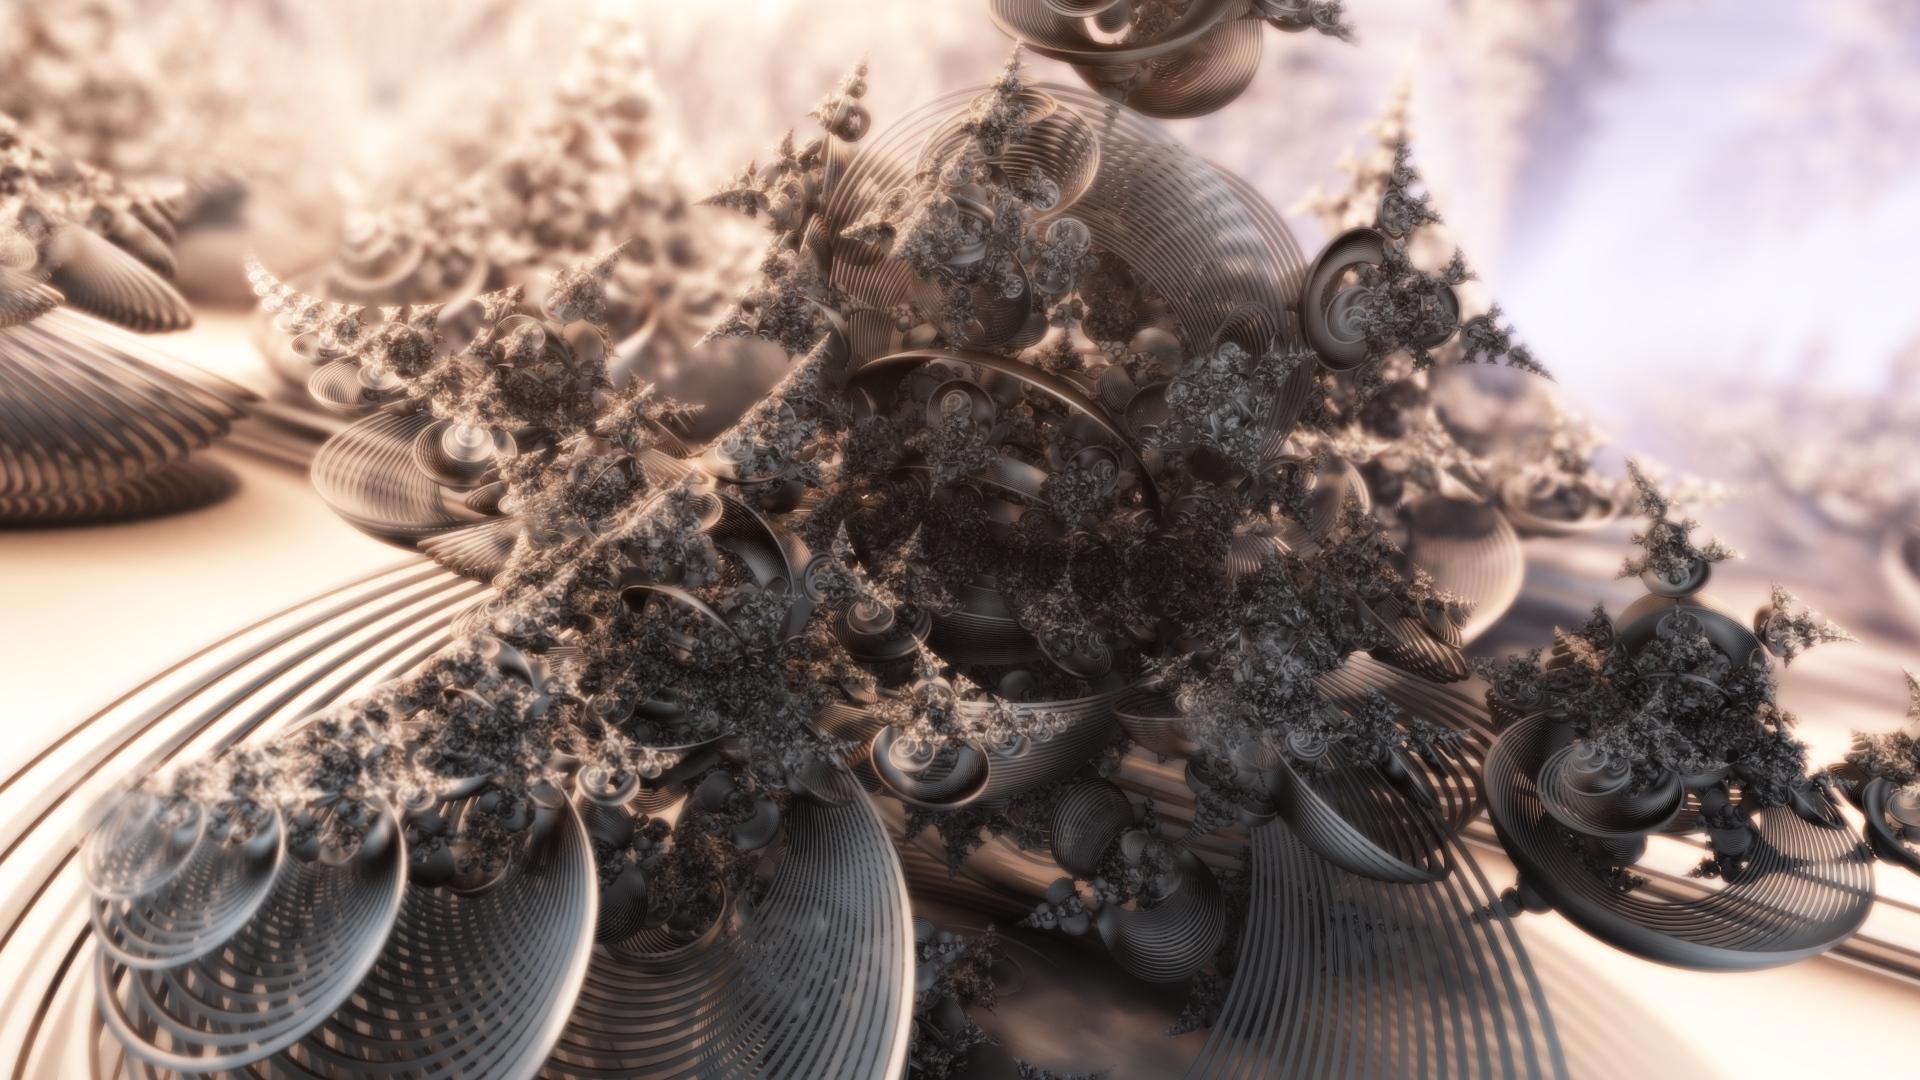 Fractal exposition by Crist-JRoger